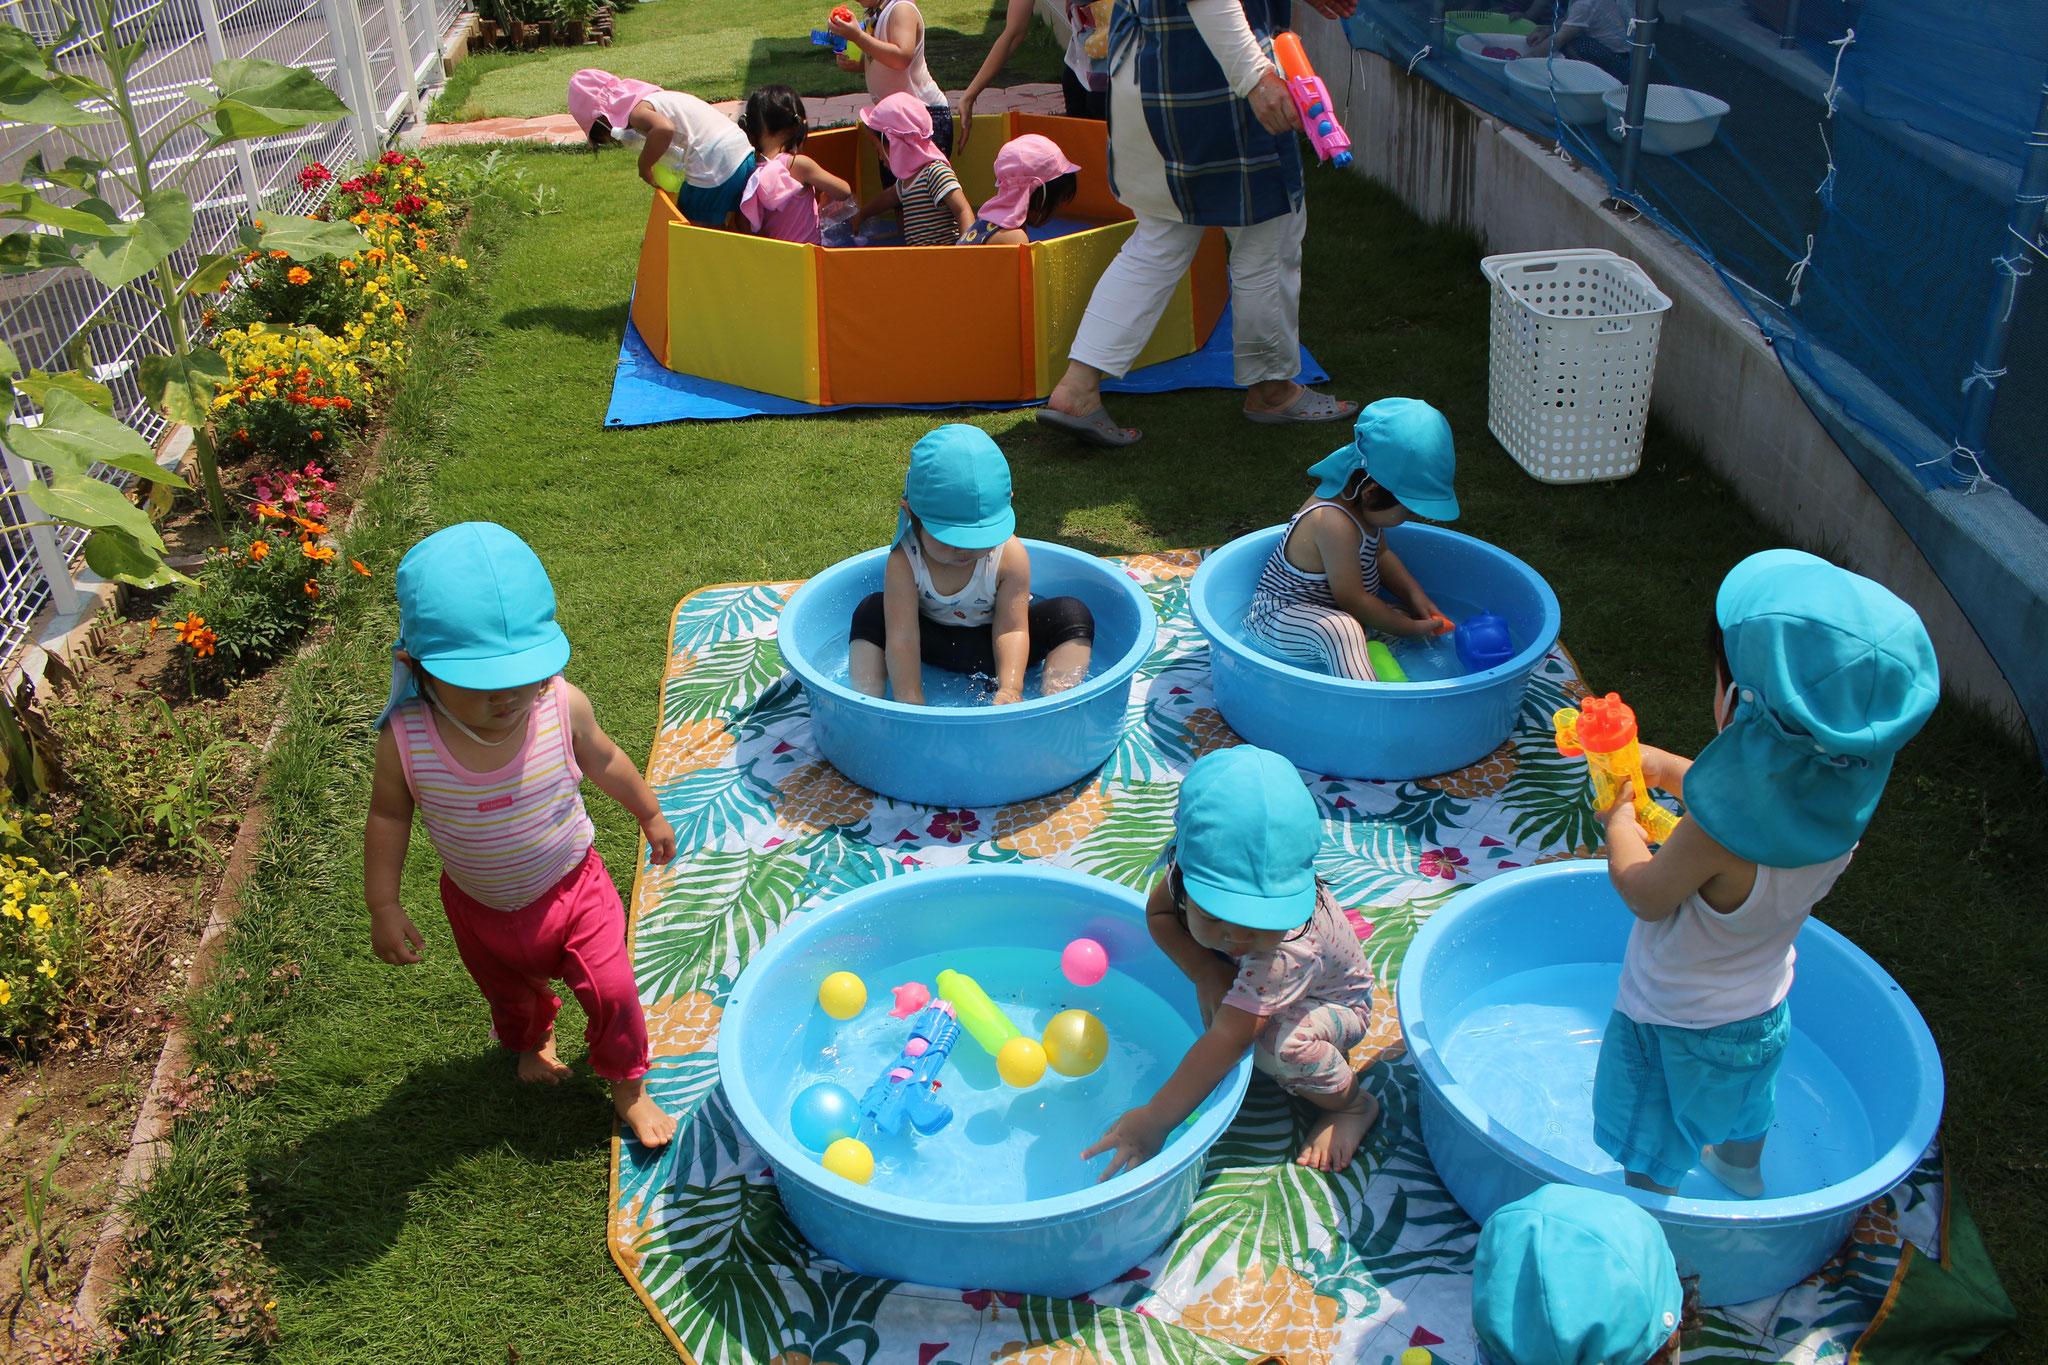 先生たちが水鉄砲で身体を潤しながら 定期的に水分補給も促しつつ遊びこんでいます! 熱中症対策には十分留意しないといけませんね